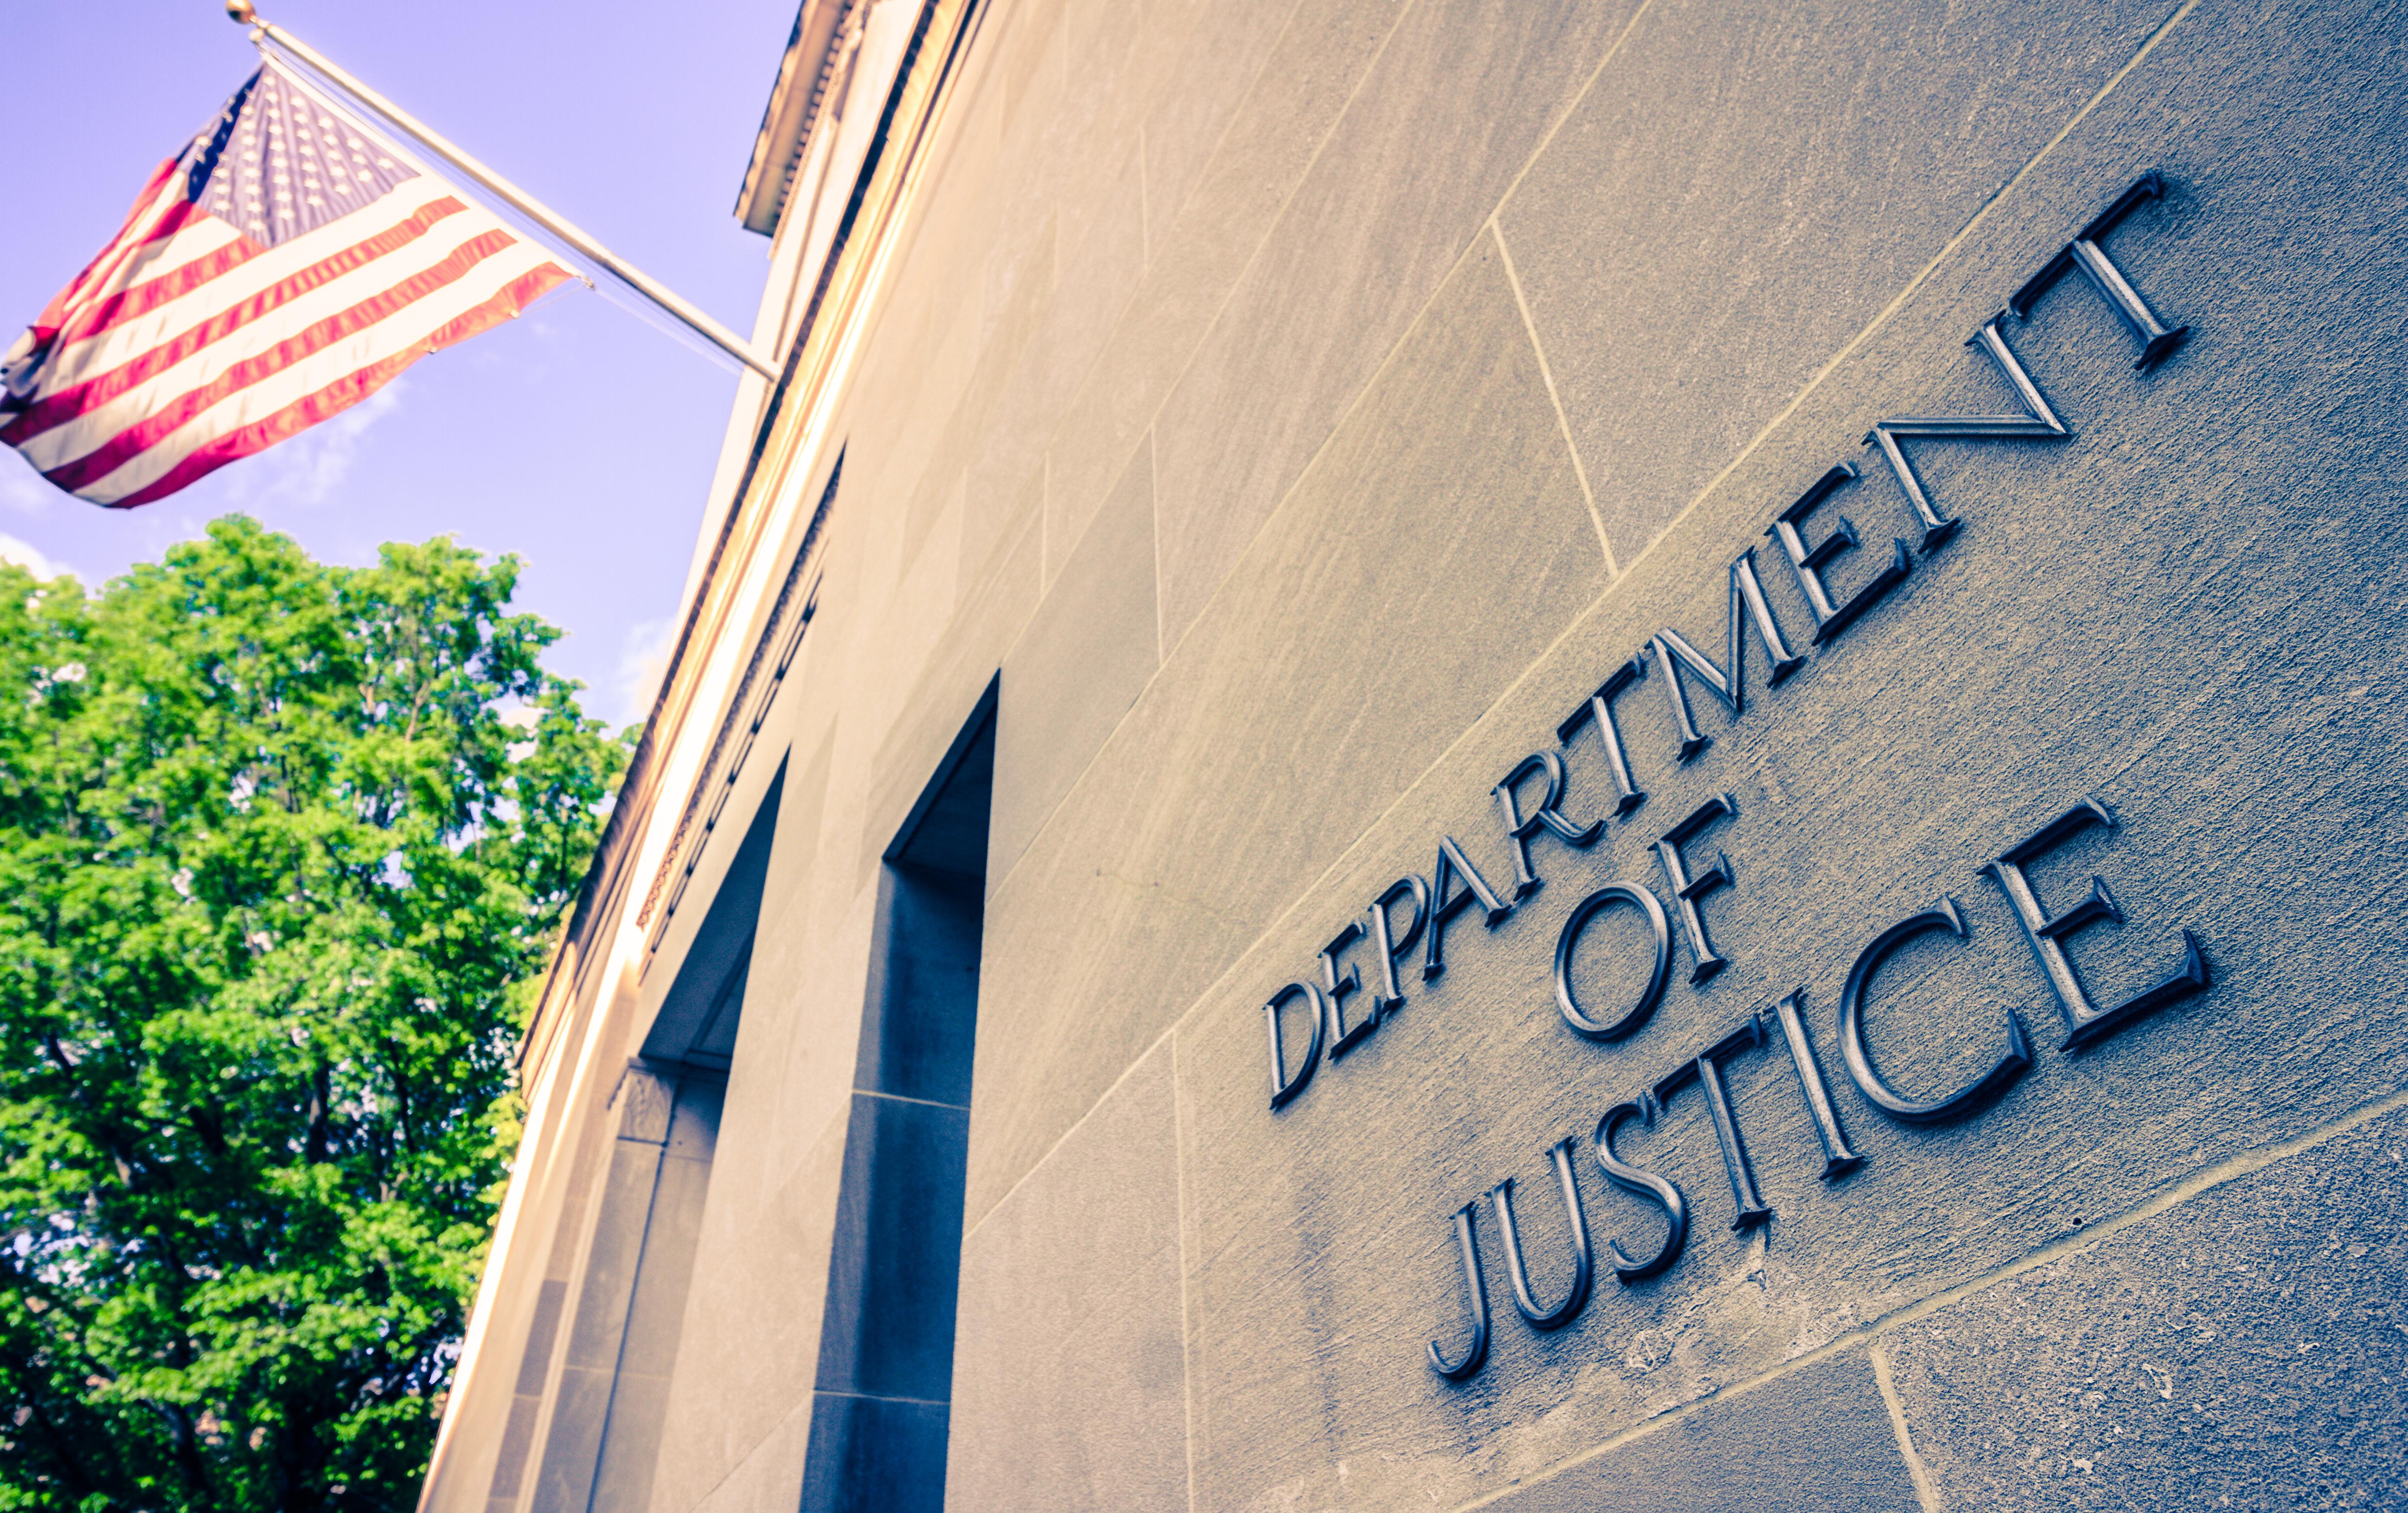 Justice Department. Shutterstock